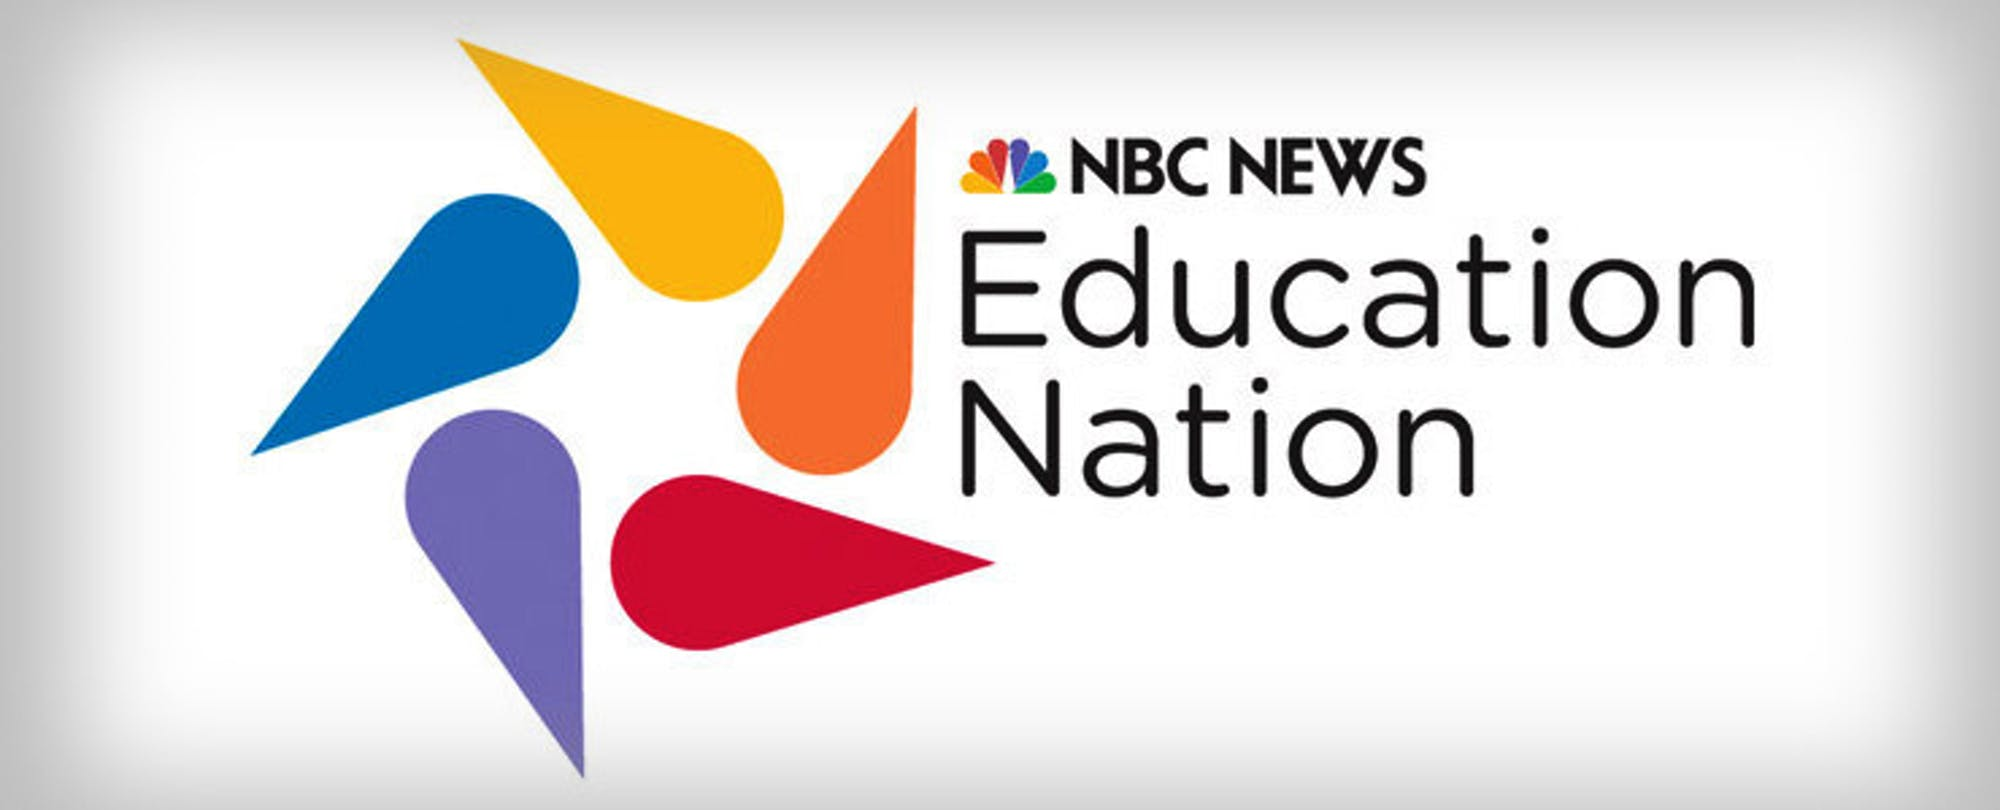 NBC's Education Nation Slated for September